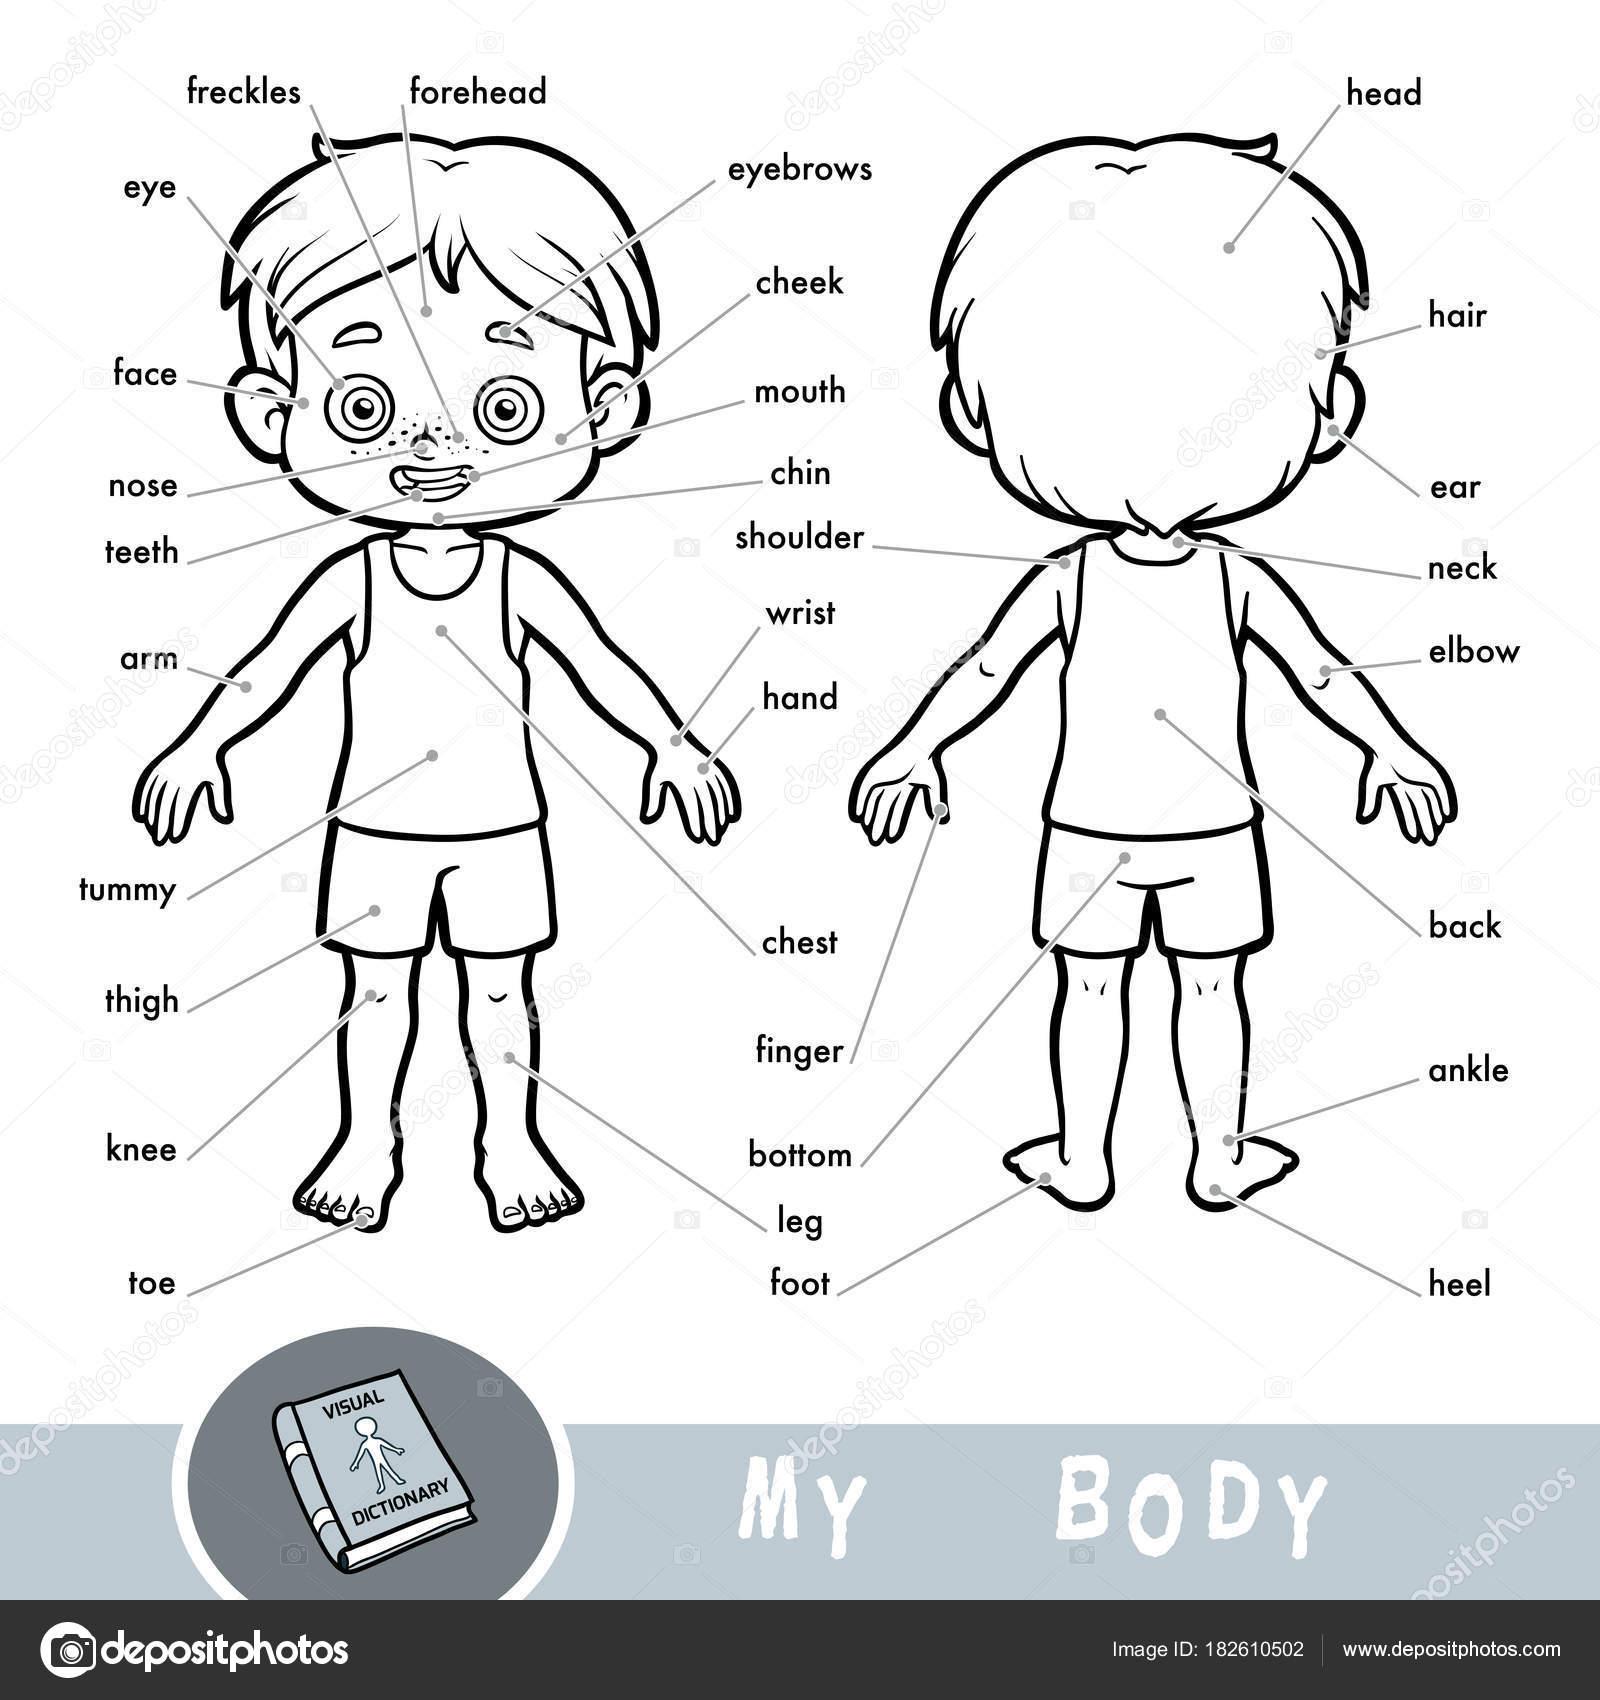 Diccionario visual para niños sobre el cuerpo humano. Mis partes del ...